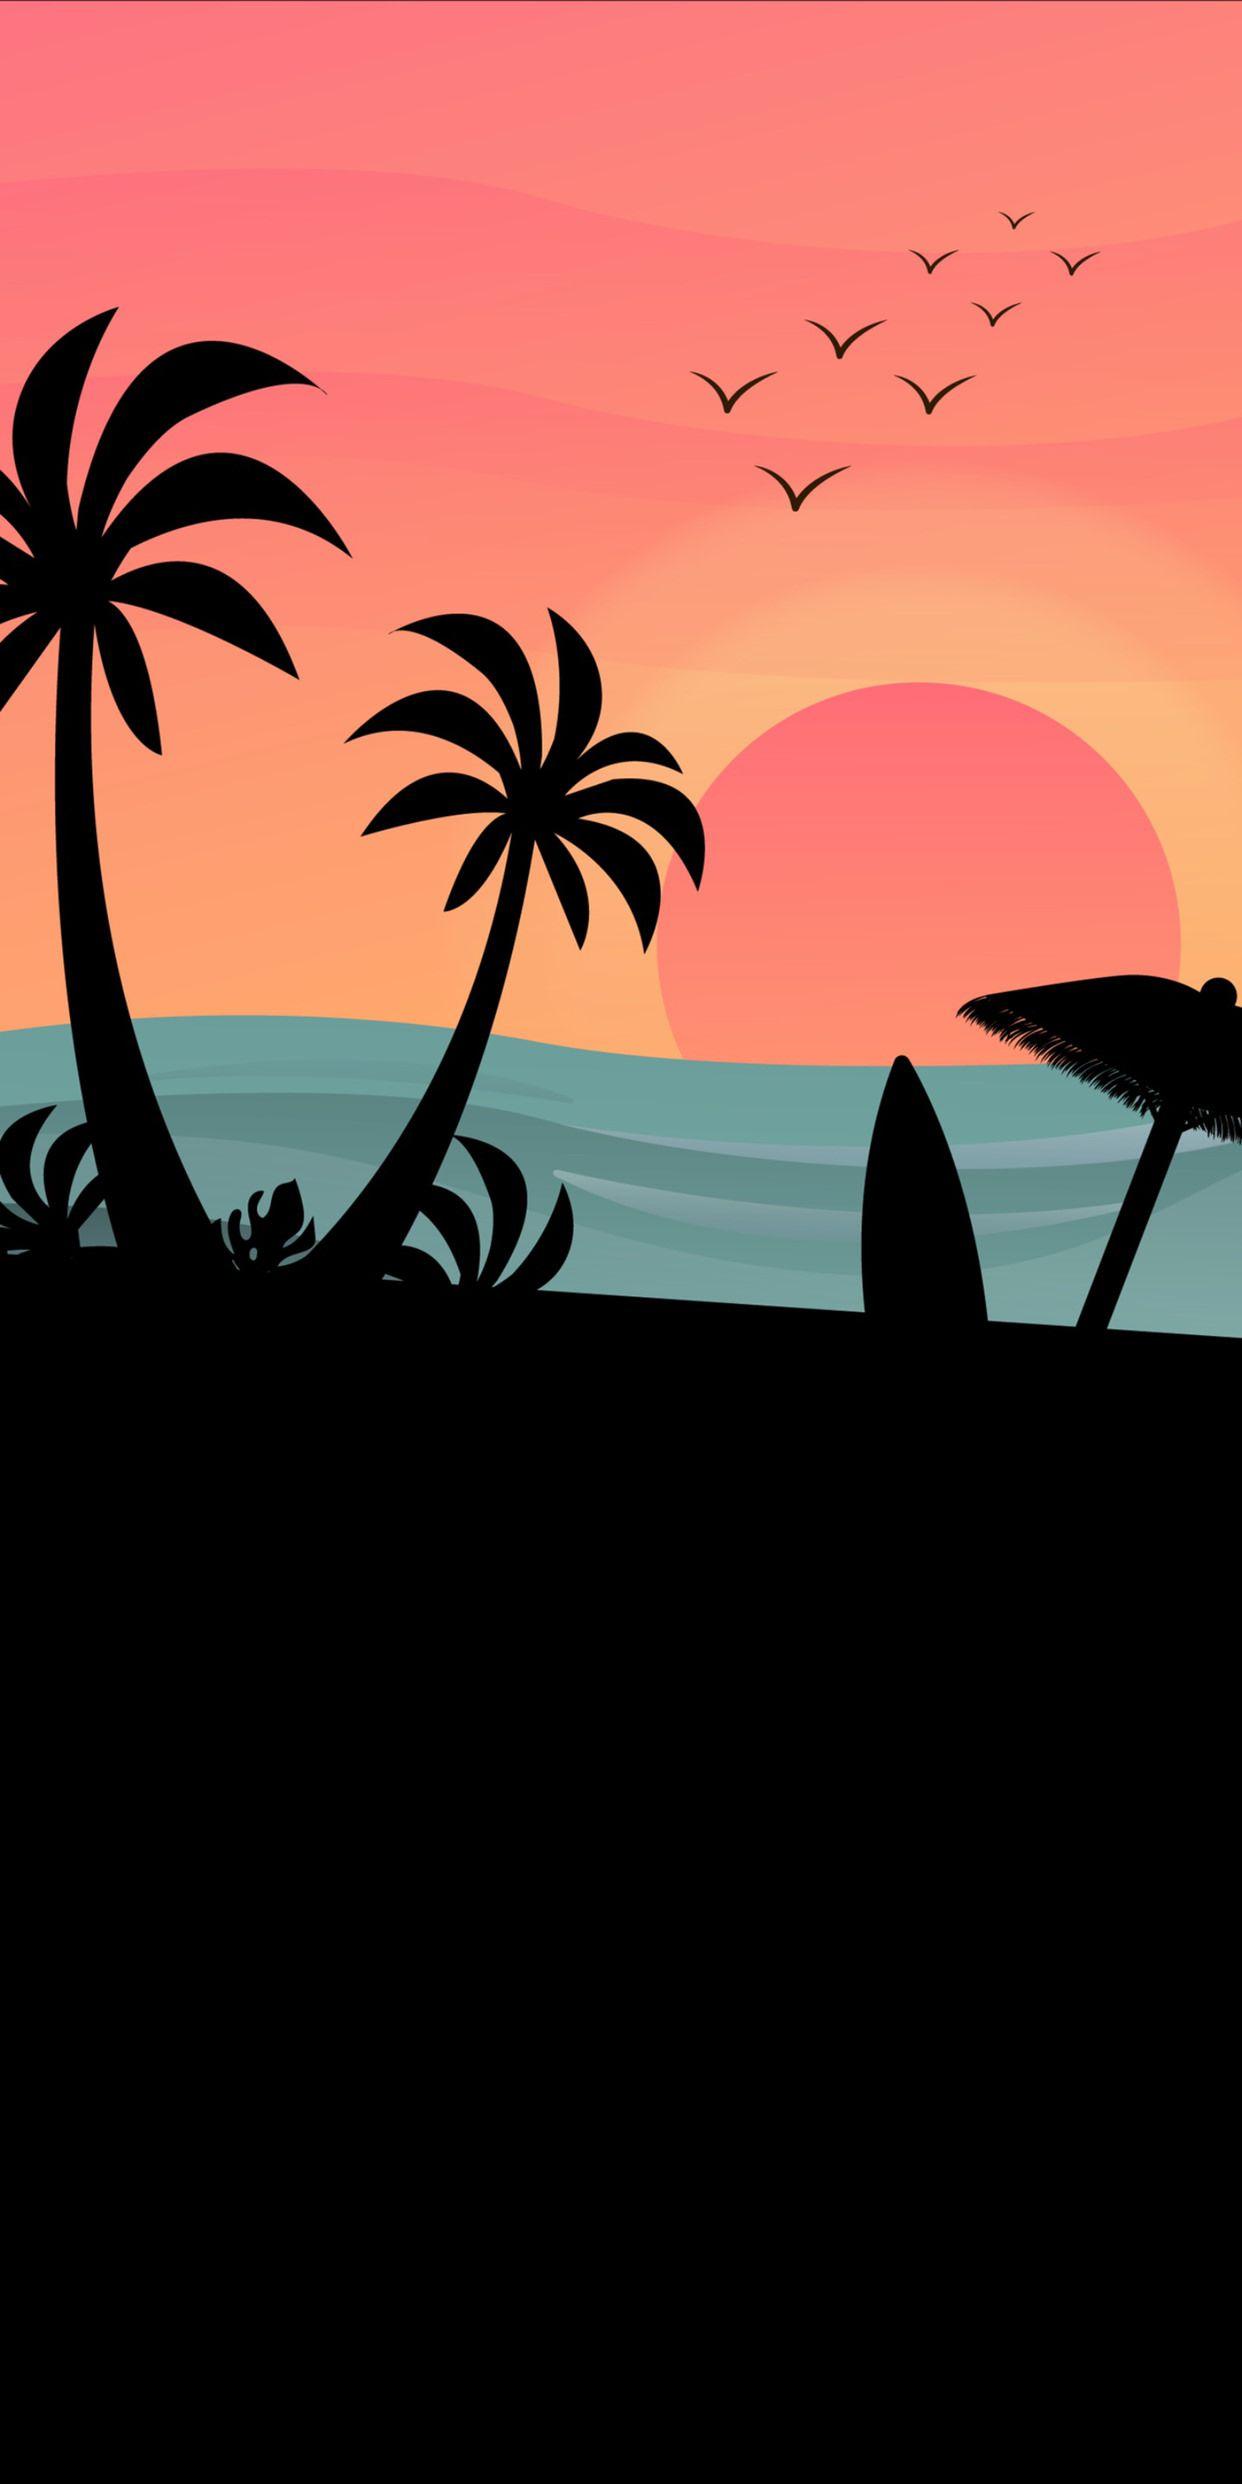 OLED Beach Scene